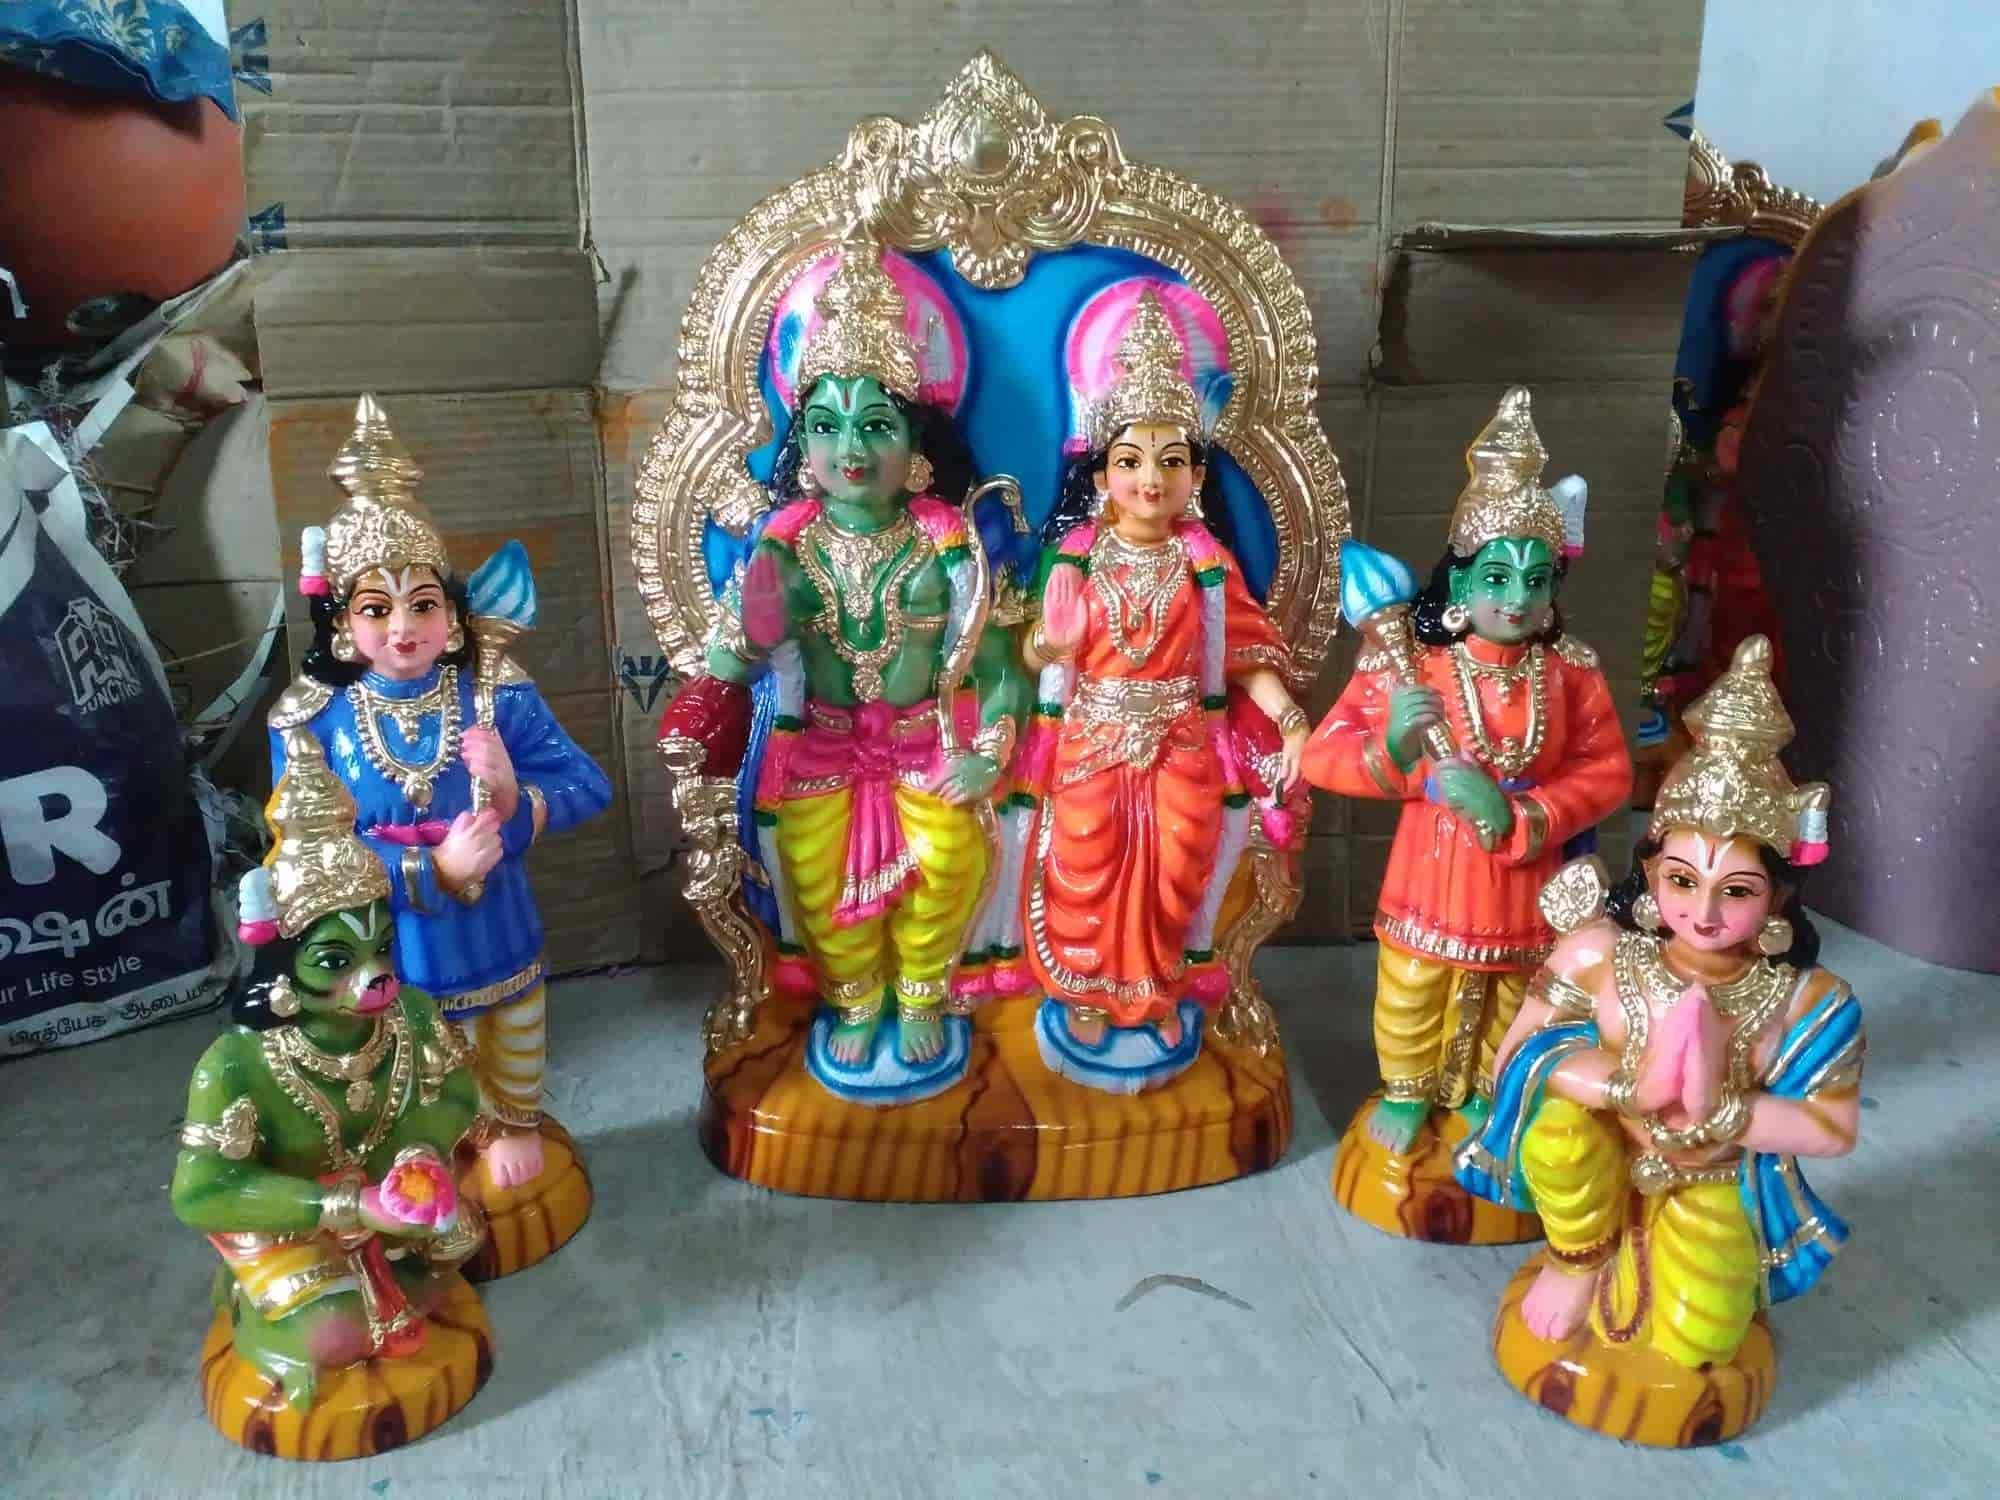 Top Golu Doll Manufacturers in Panruti - Best Navarathri Golu Doll  Manufacturers Kanchipuram - Justdial